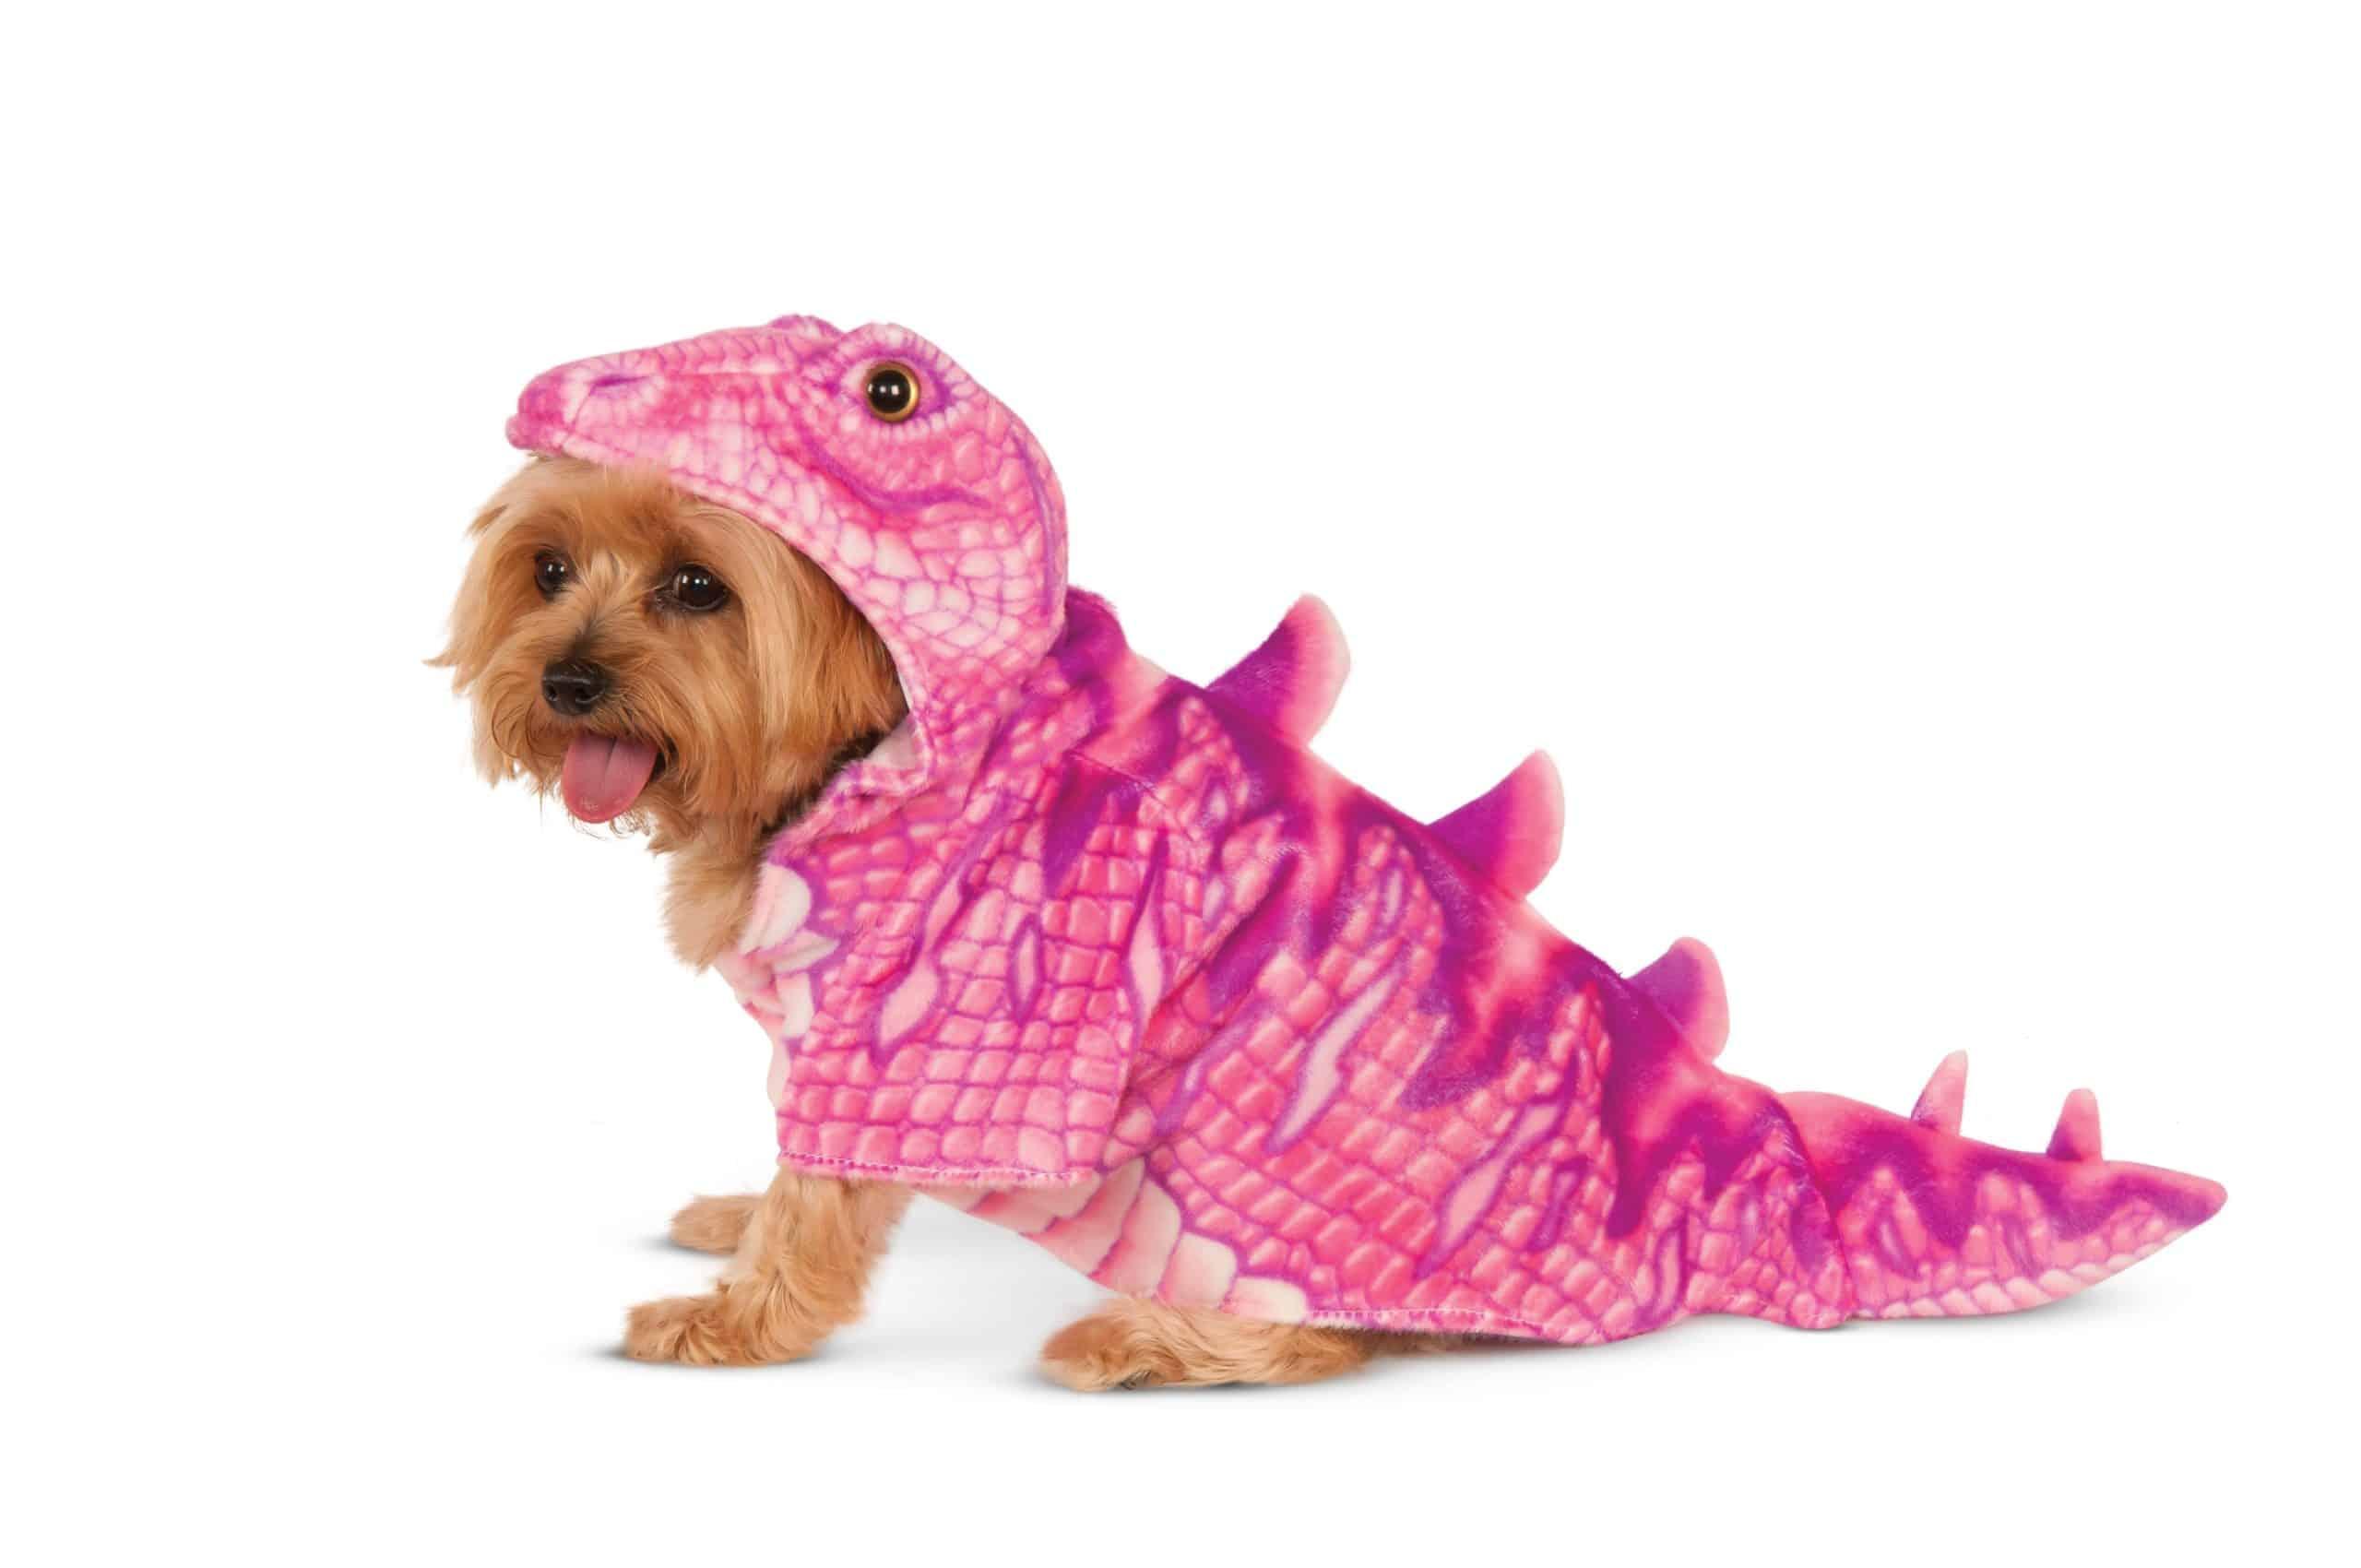 Pink Dino Dog Costume